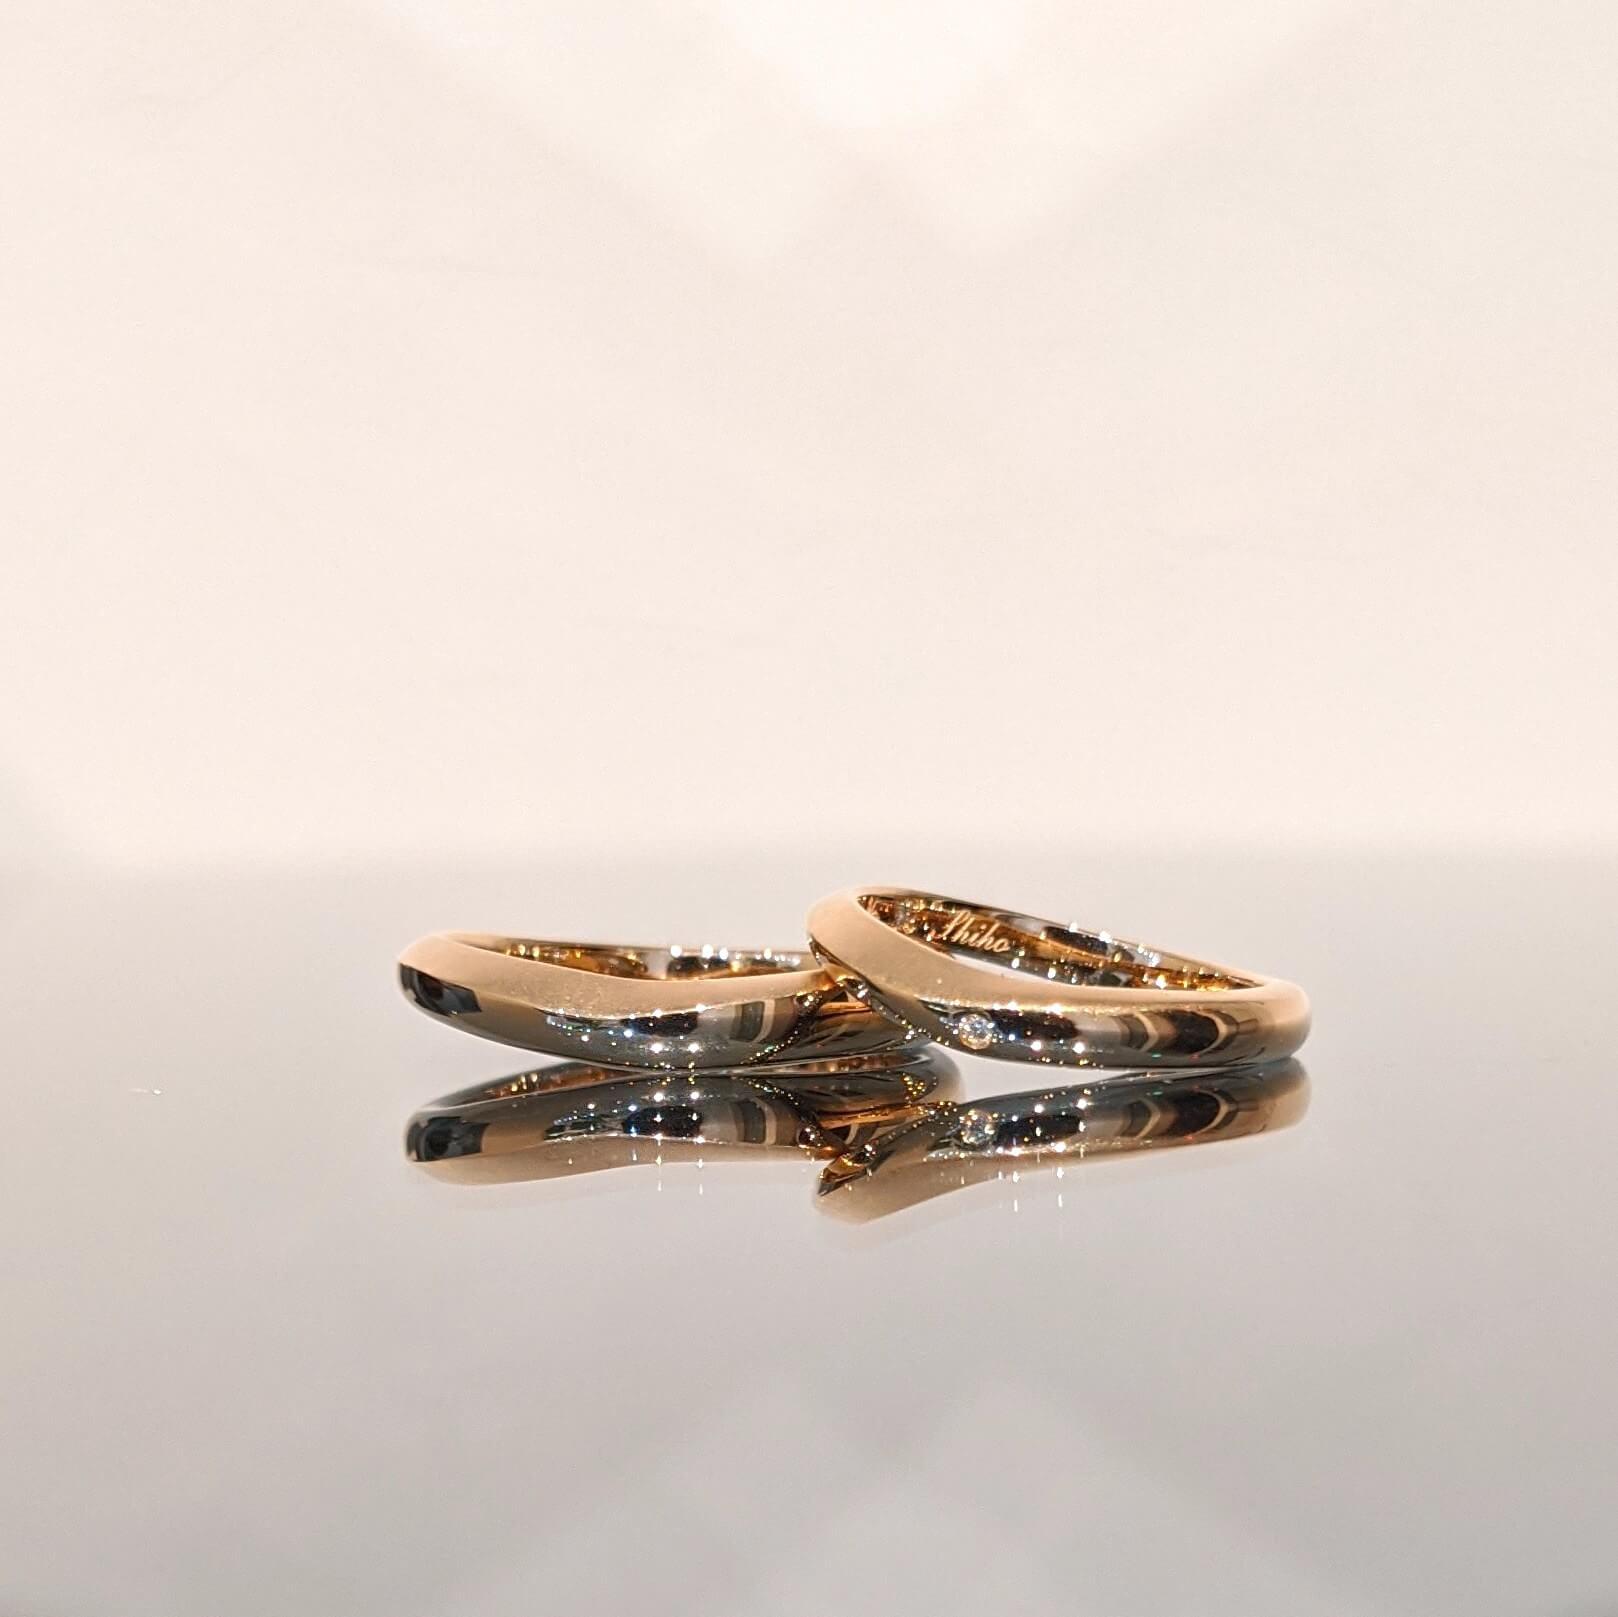 ピンクゴールドの結婚指輪について|デザインとオーダー実績の紹介